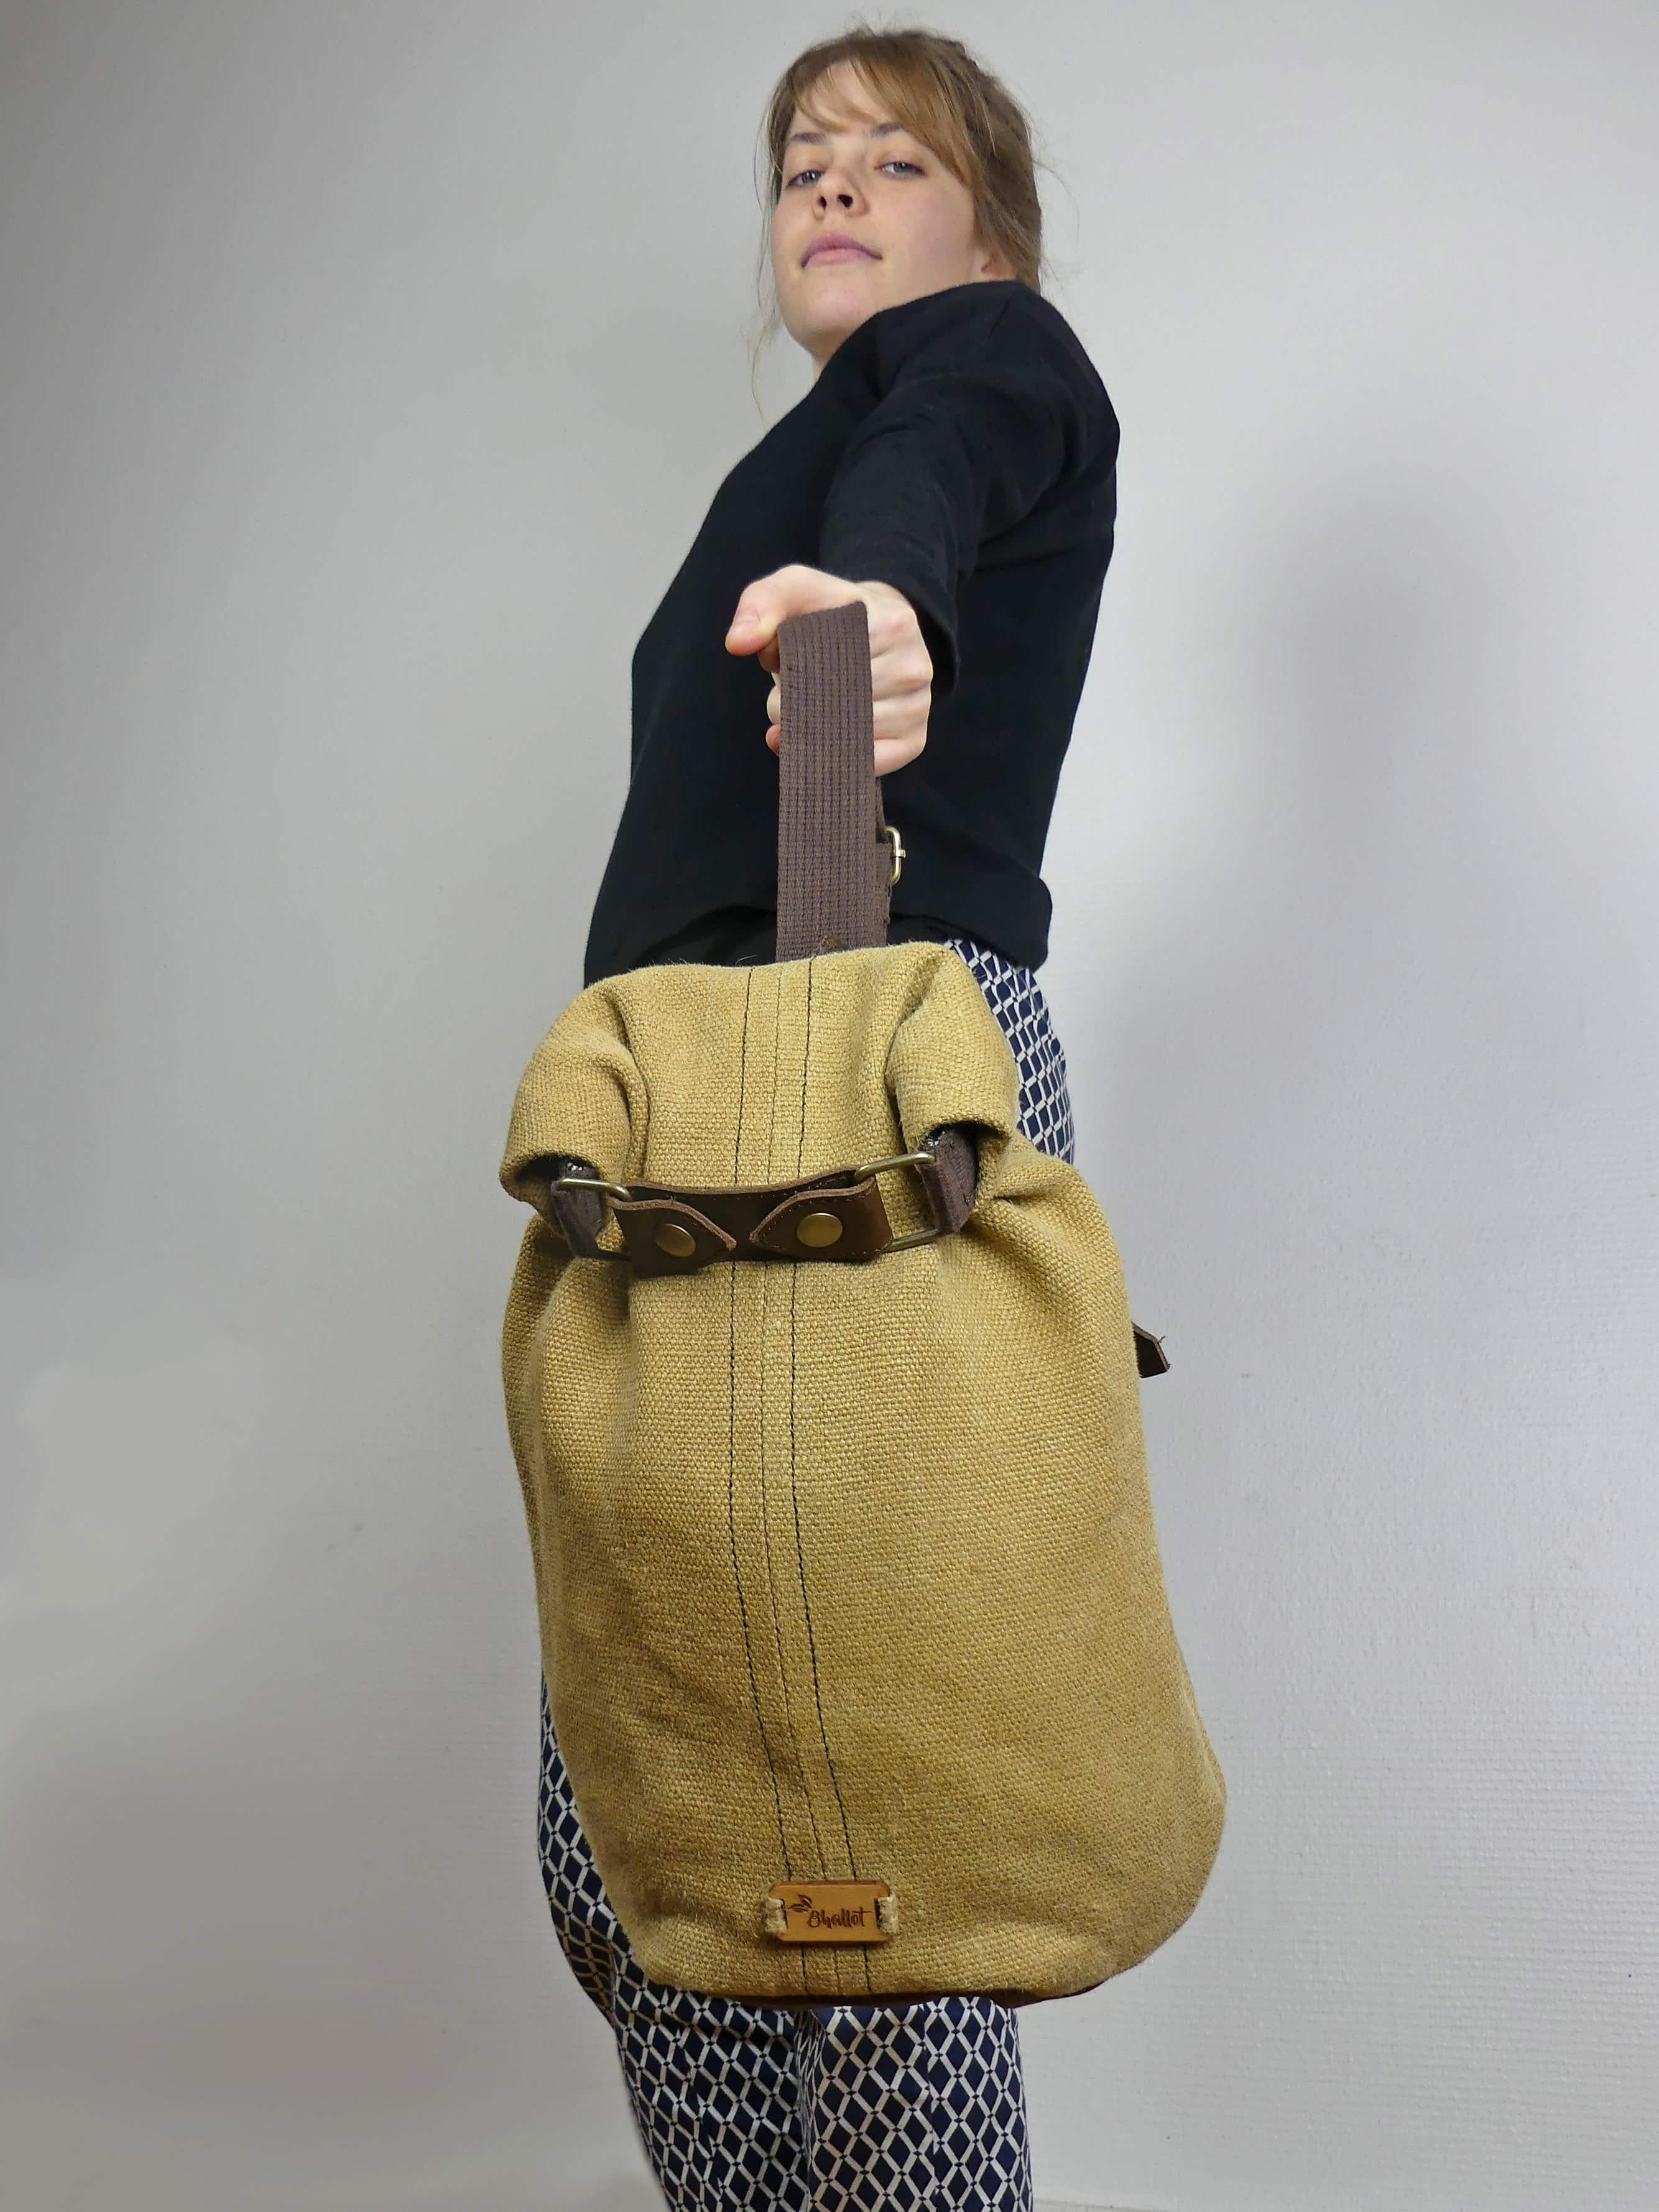 Petit sac à dos bandoulière, balish - le baluchon - Bhallot num 7